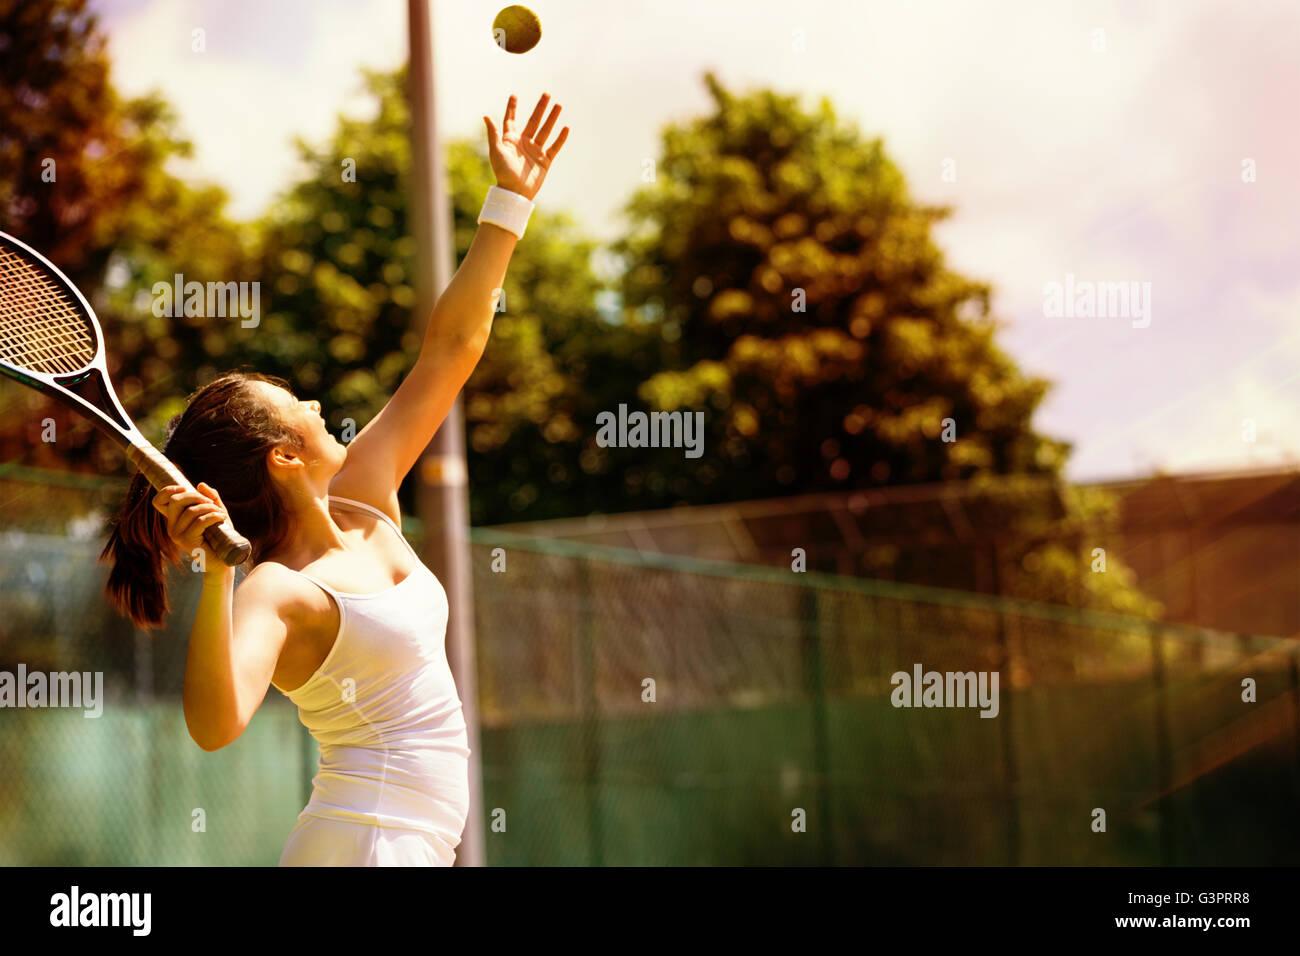 Vista posteriore del giocatore di tennis che serve Immagini Stock